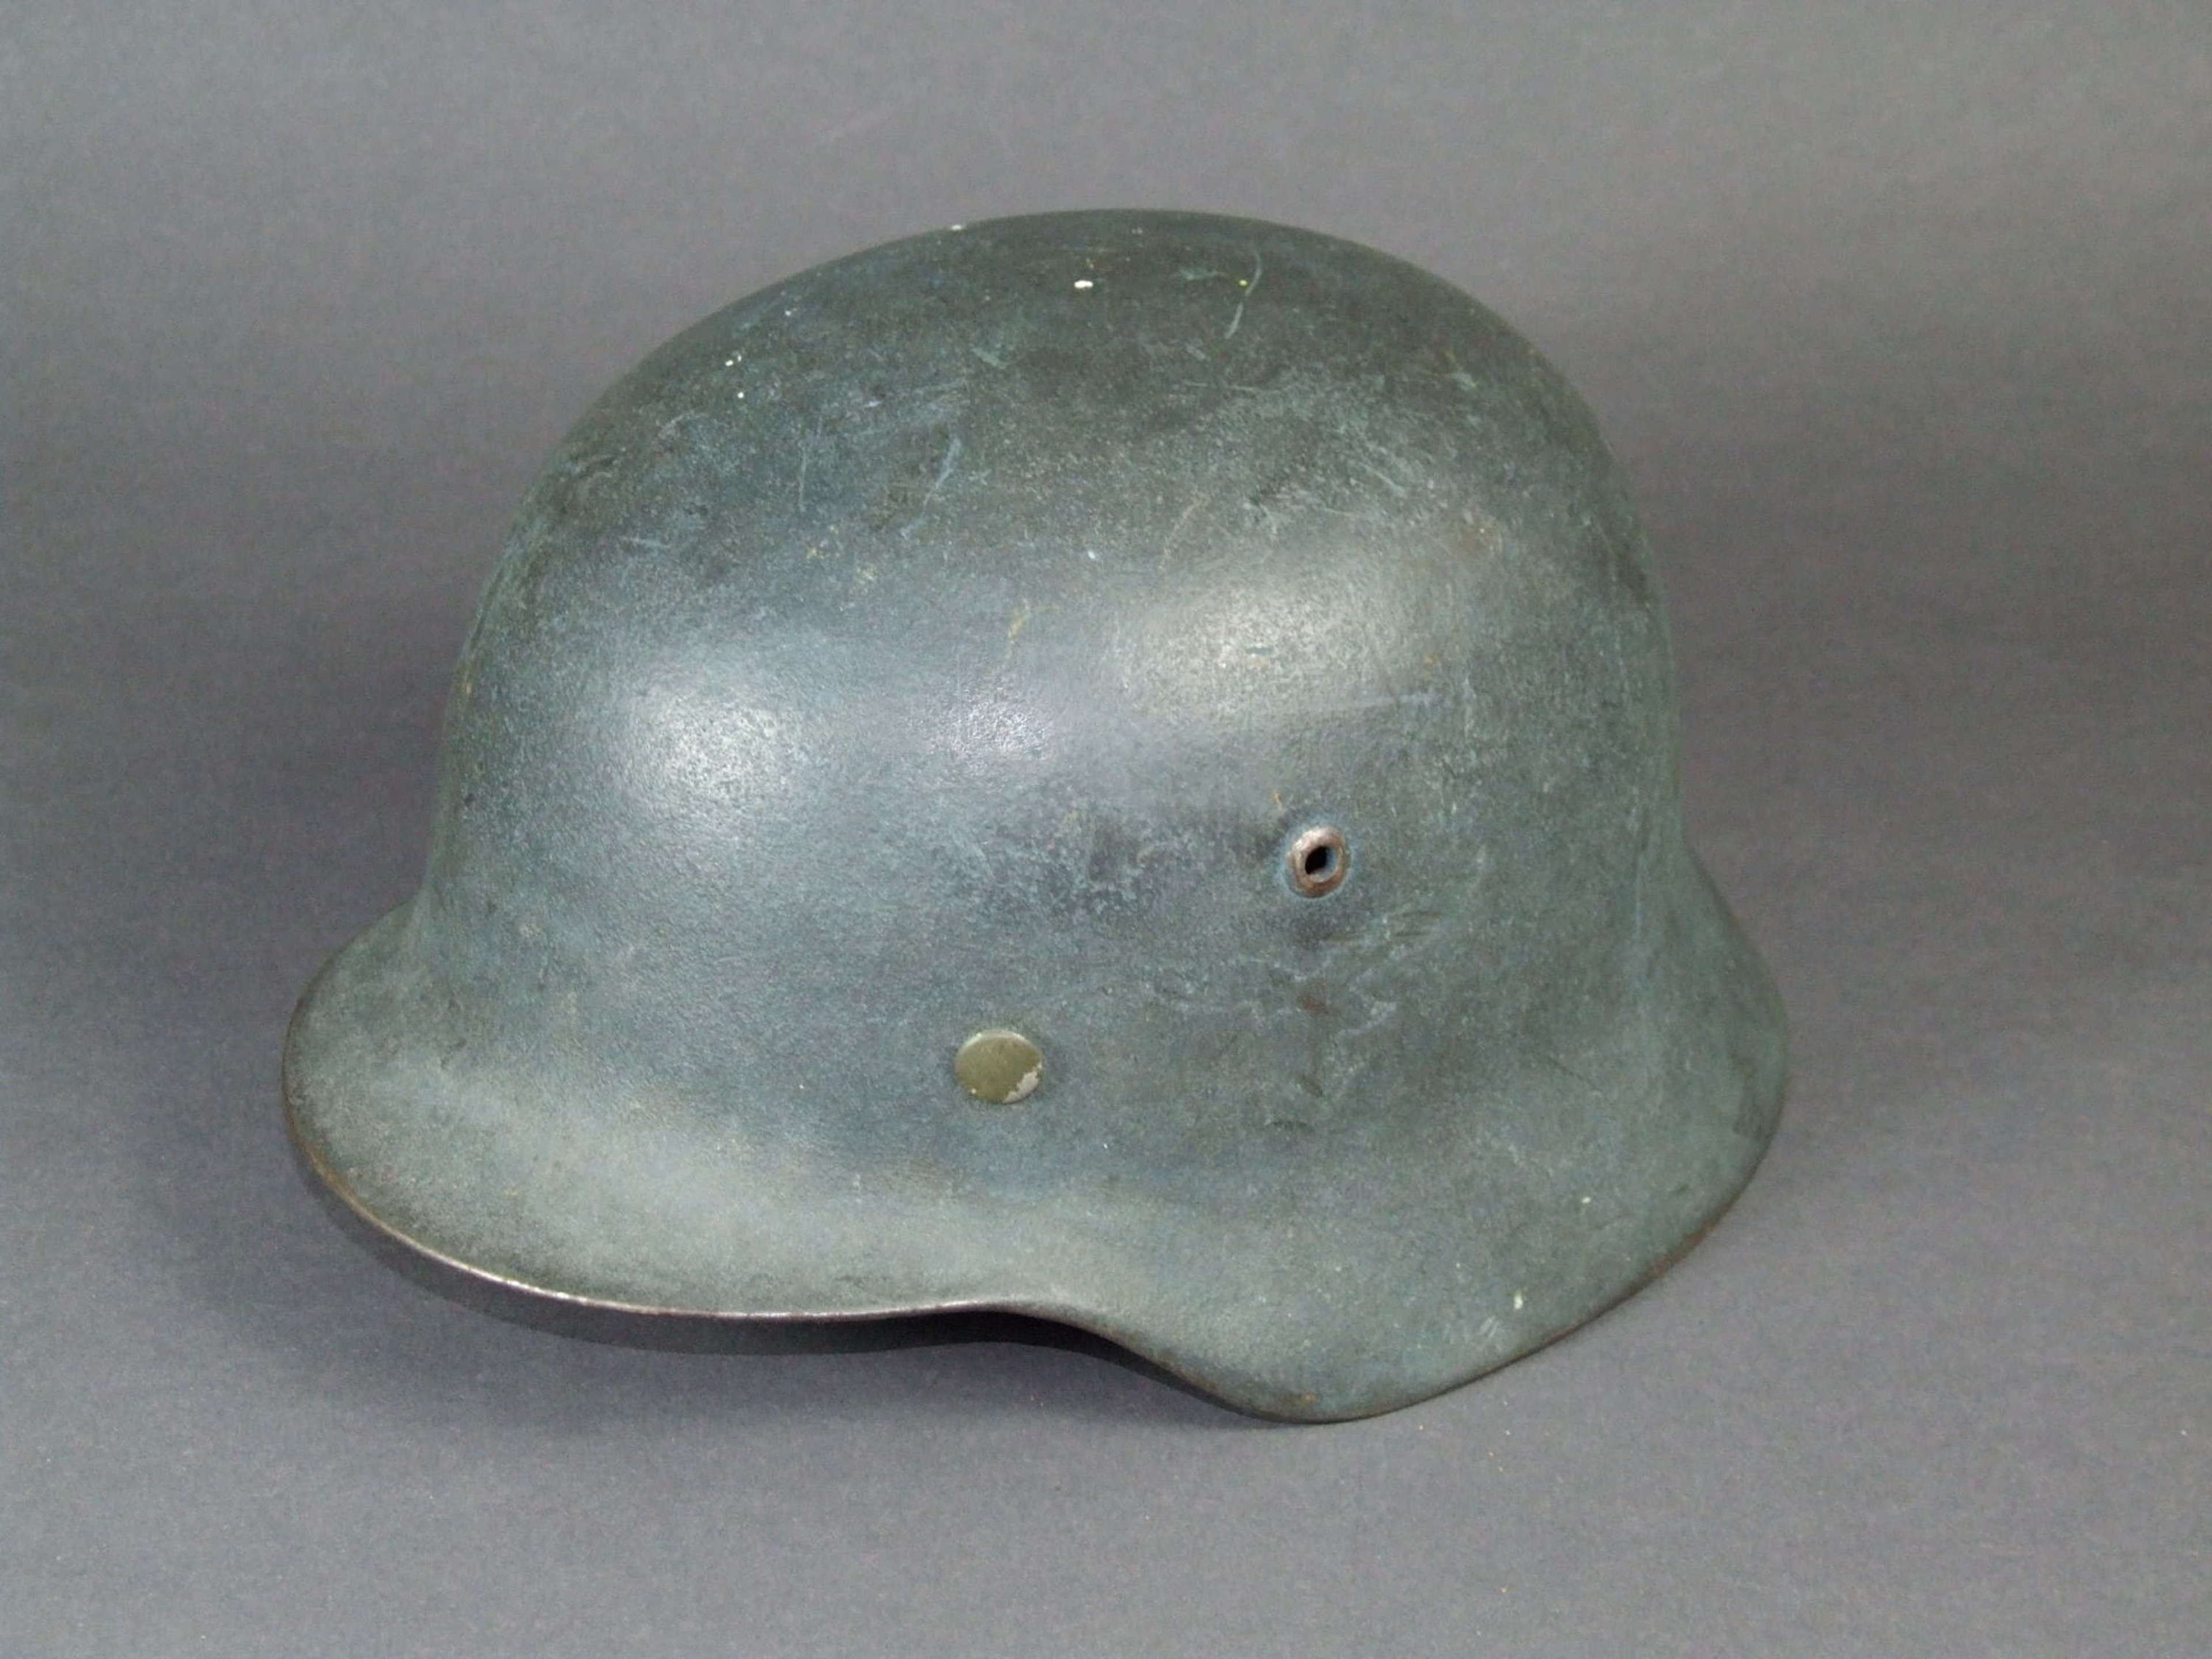 Luftwaffe M40 helmet